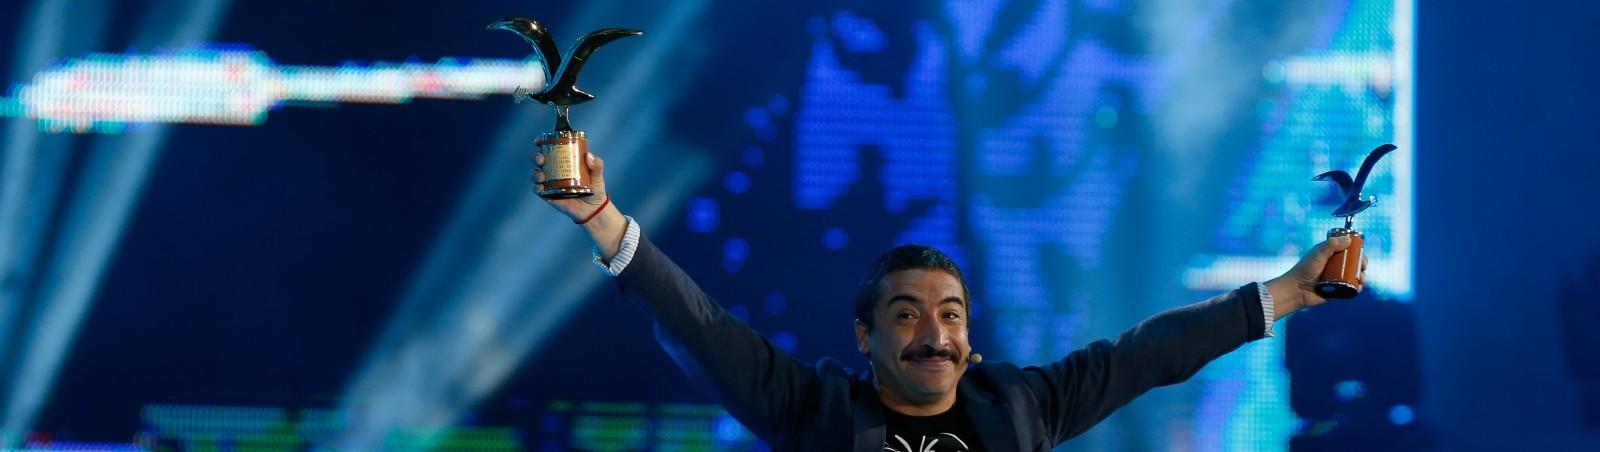 24 de FEBRERO del 2016/Viña del Mar Rodrigo Gonzalez ,durante la segunda noche de la 57º del Festival Internacional de la Canción de Viña del Mar, realizado en la Quinta Vergara.  FOTO:FRANCISCO LONGA/AGENCIAUNO